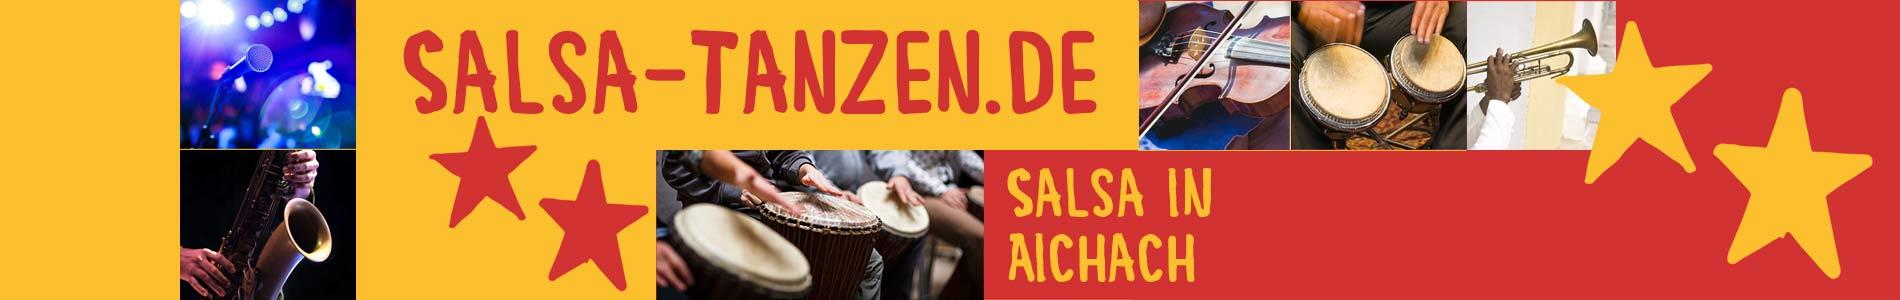 Salsa in Aichach – Salsa lernen und tanzen, Tanzkurse, Partys, Veranstaltungen